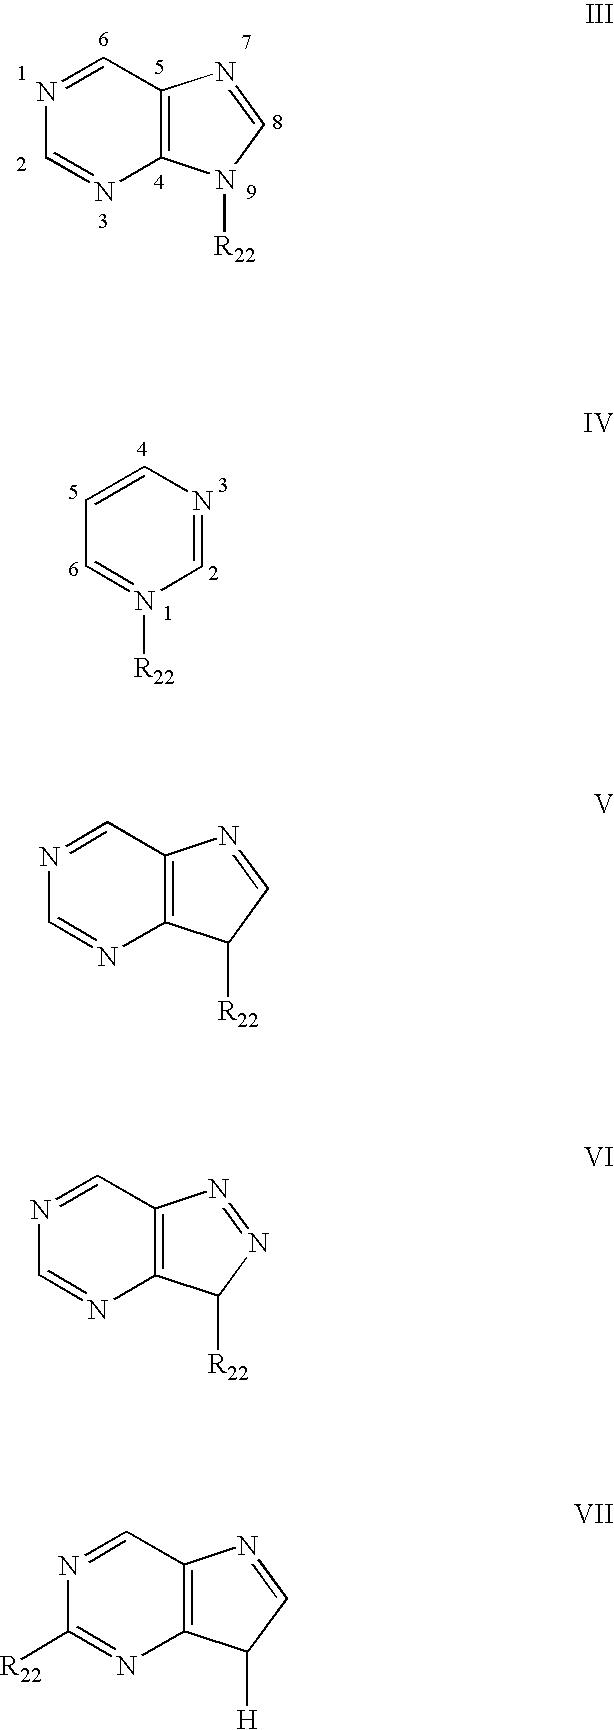 Figure US20080131398A1-20080605-C00005